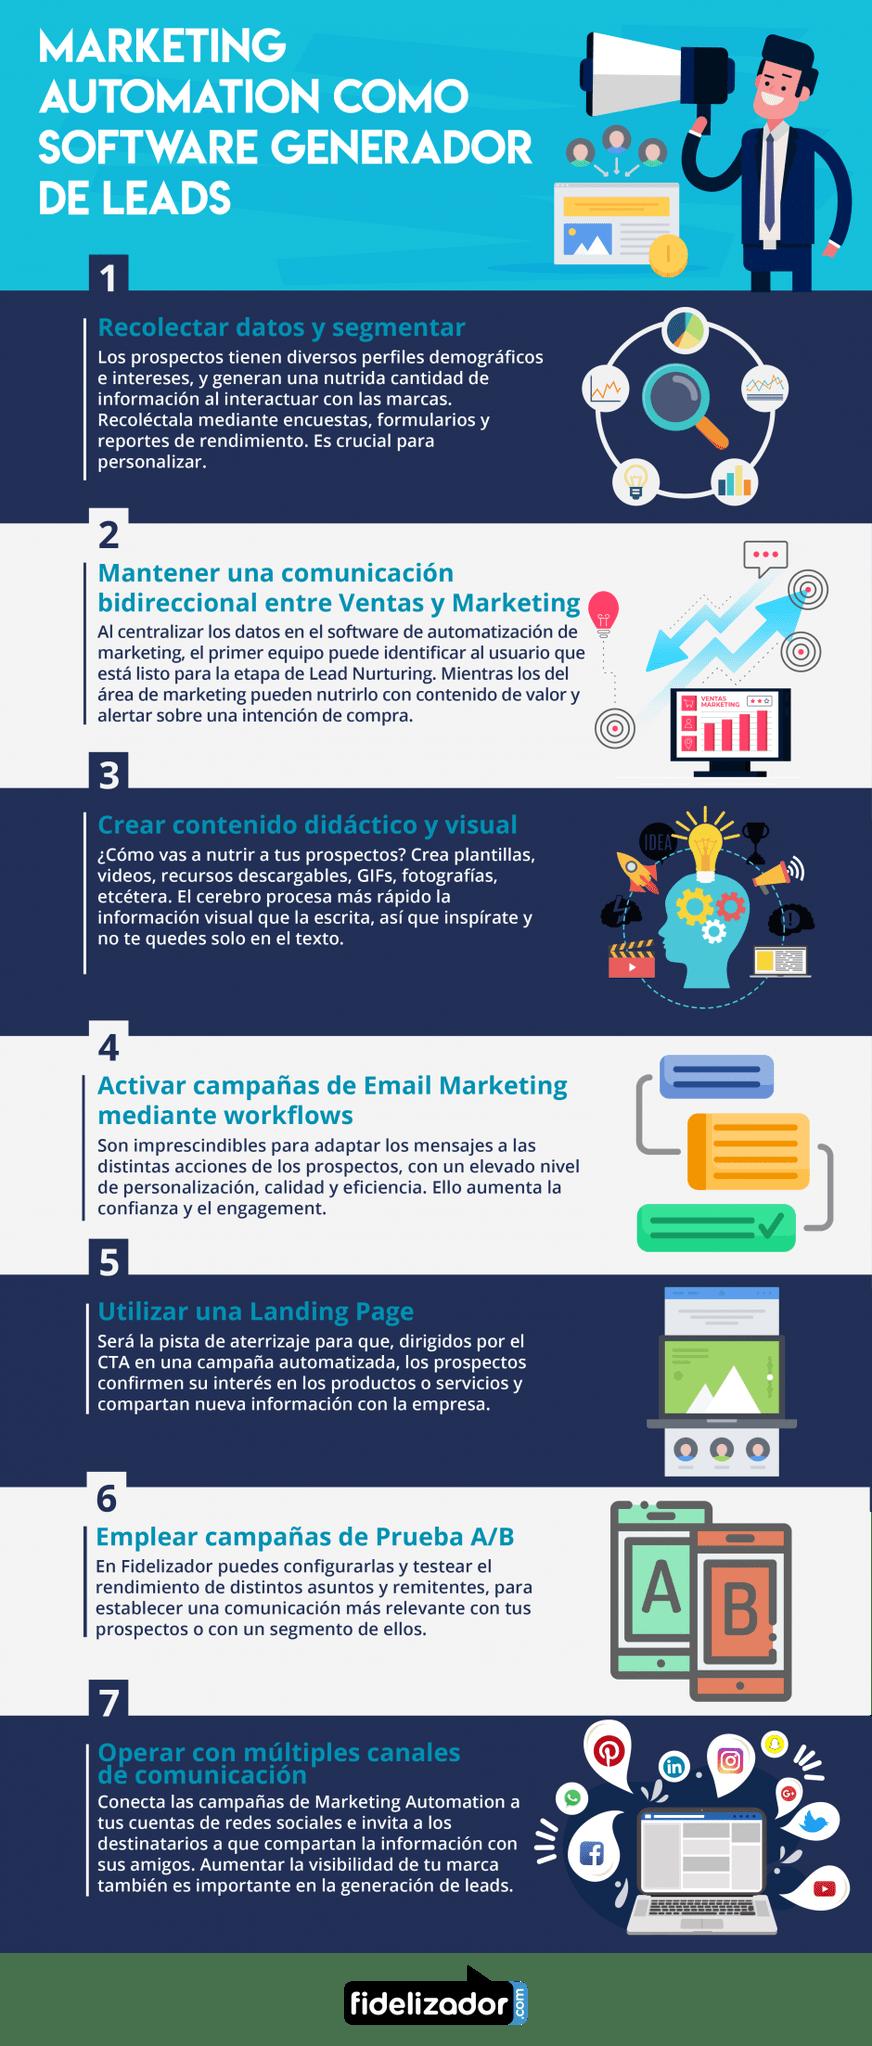 Marketing Automation Como Software Generador De Leads Infografia Marketing Tics Y Formación Digital Marketing Marketing Infographic